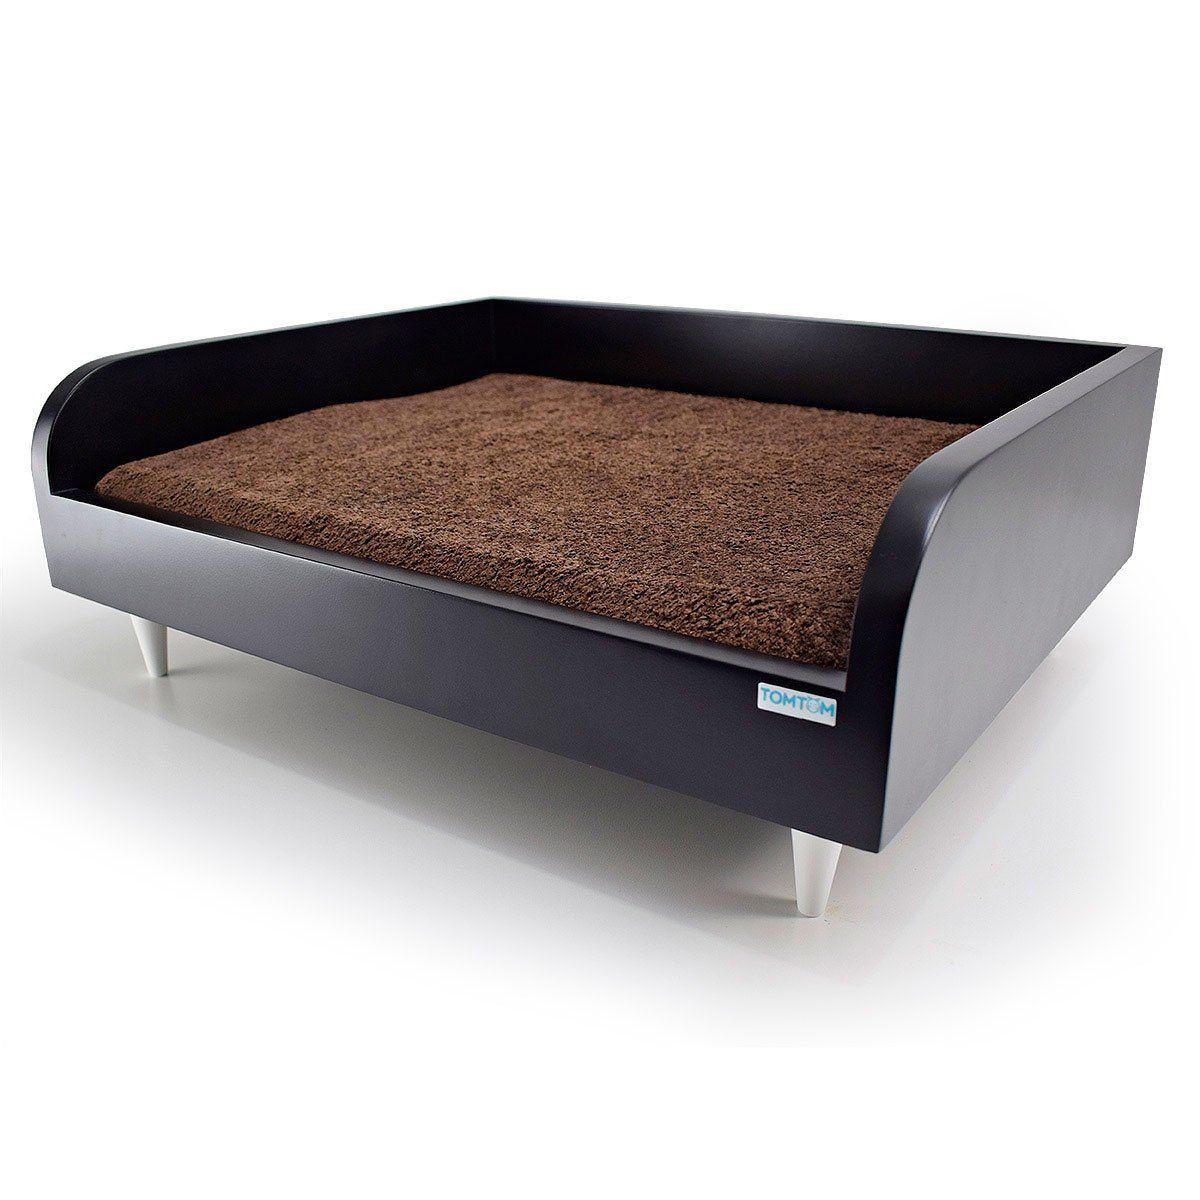 Sofá para Cachorro Tomtom Preto com Almofada Marrom - M